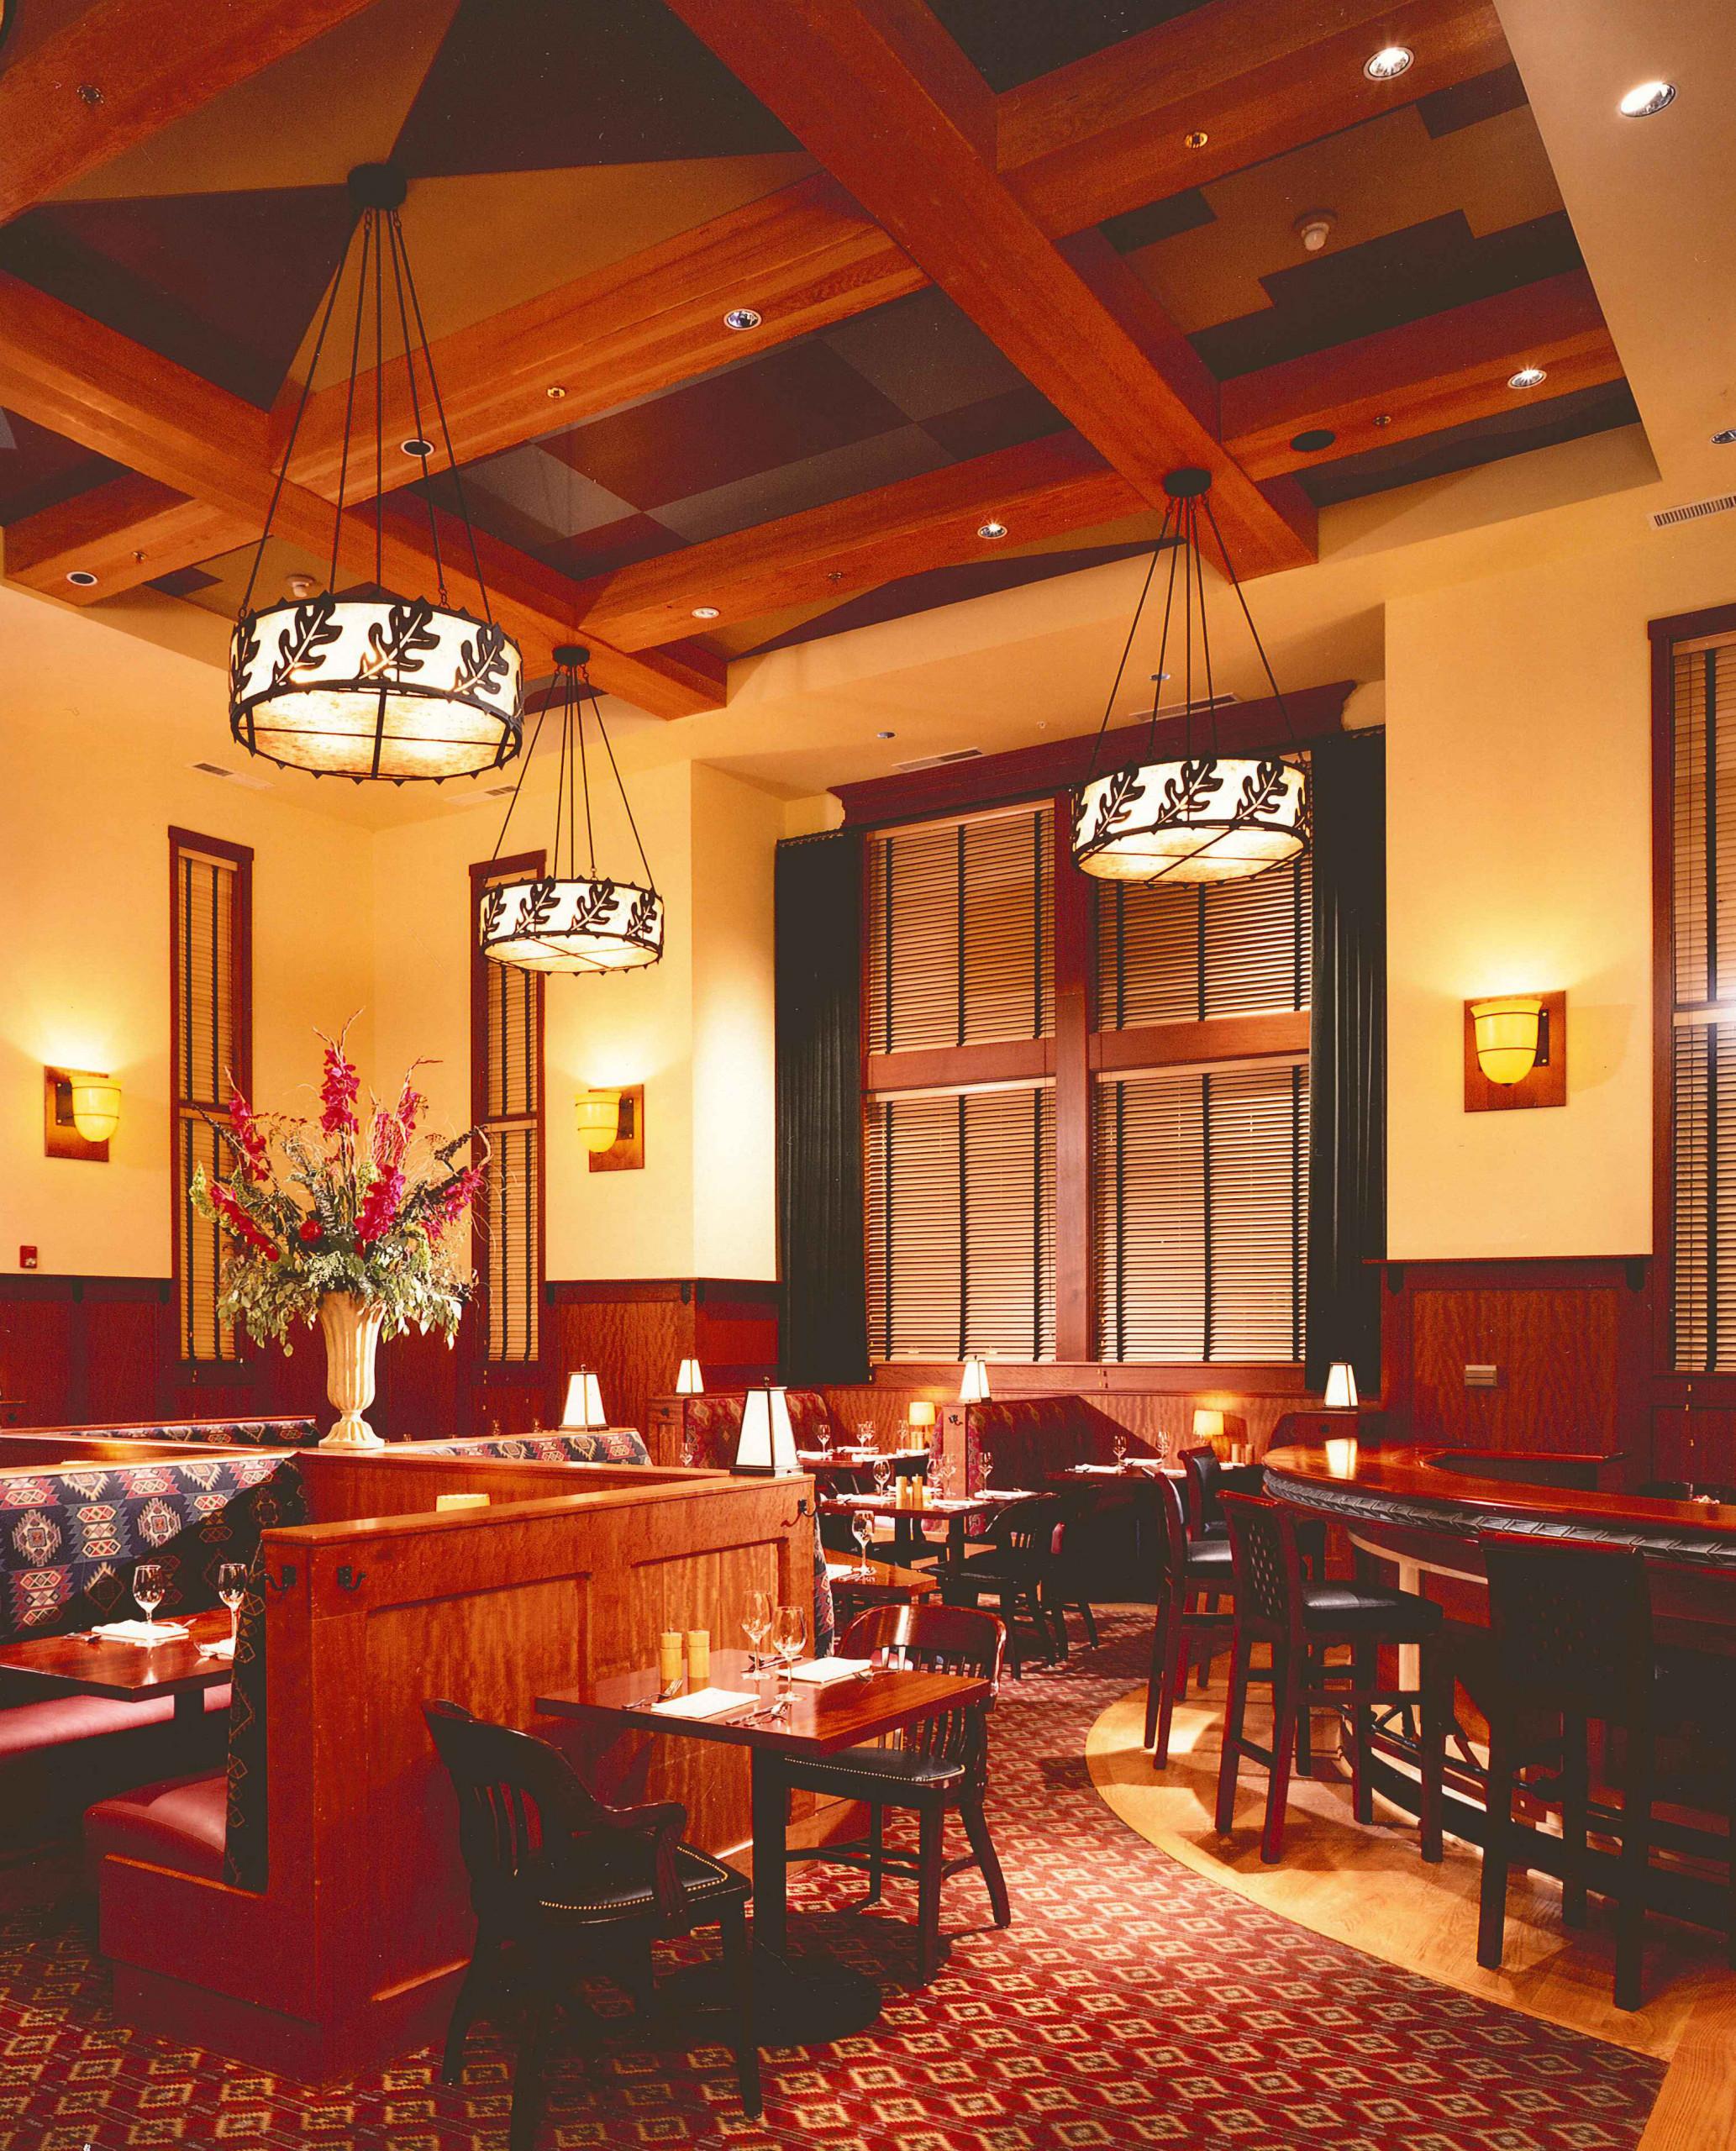 Hudson's Restaurant